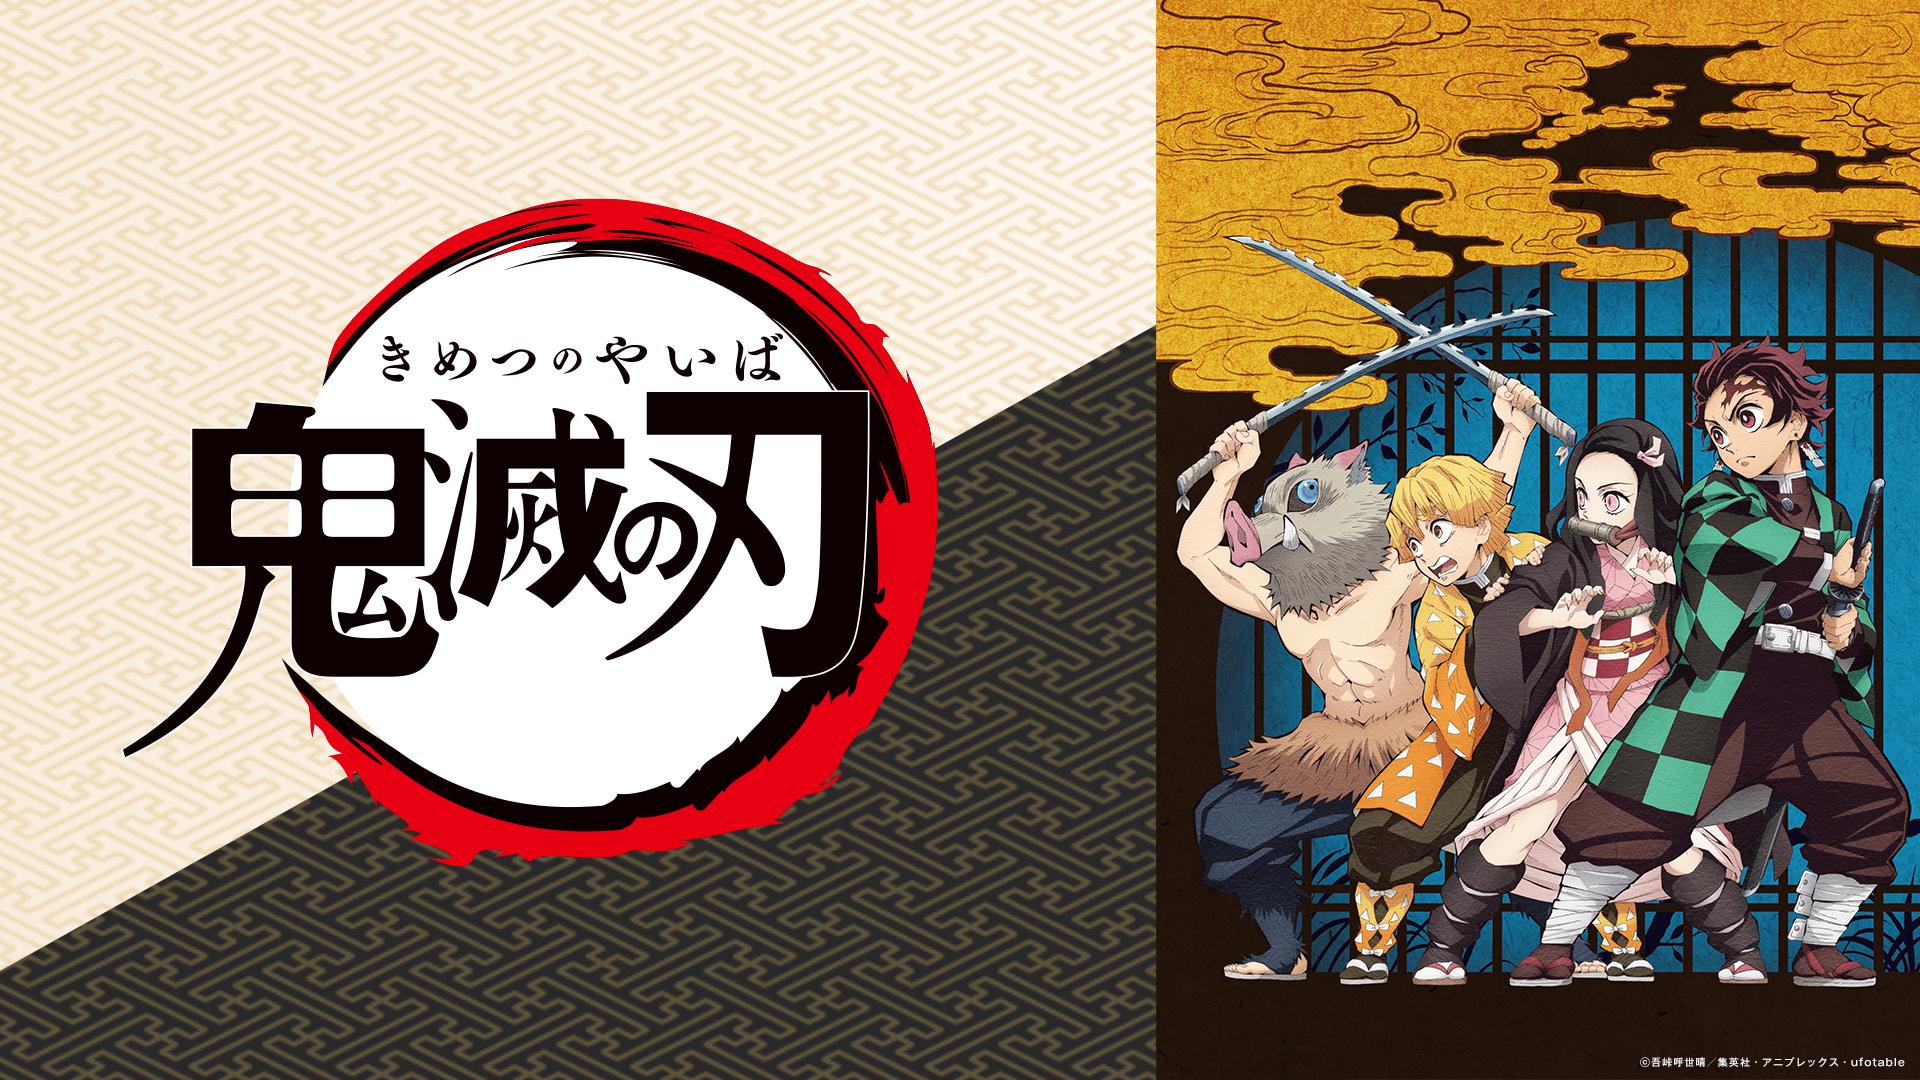 アベマ 鬼 滅 鬼滅祭オンライン -アニメ弐周年記念祭-